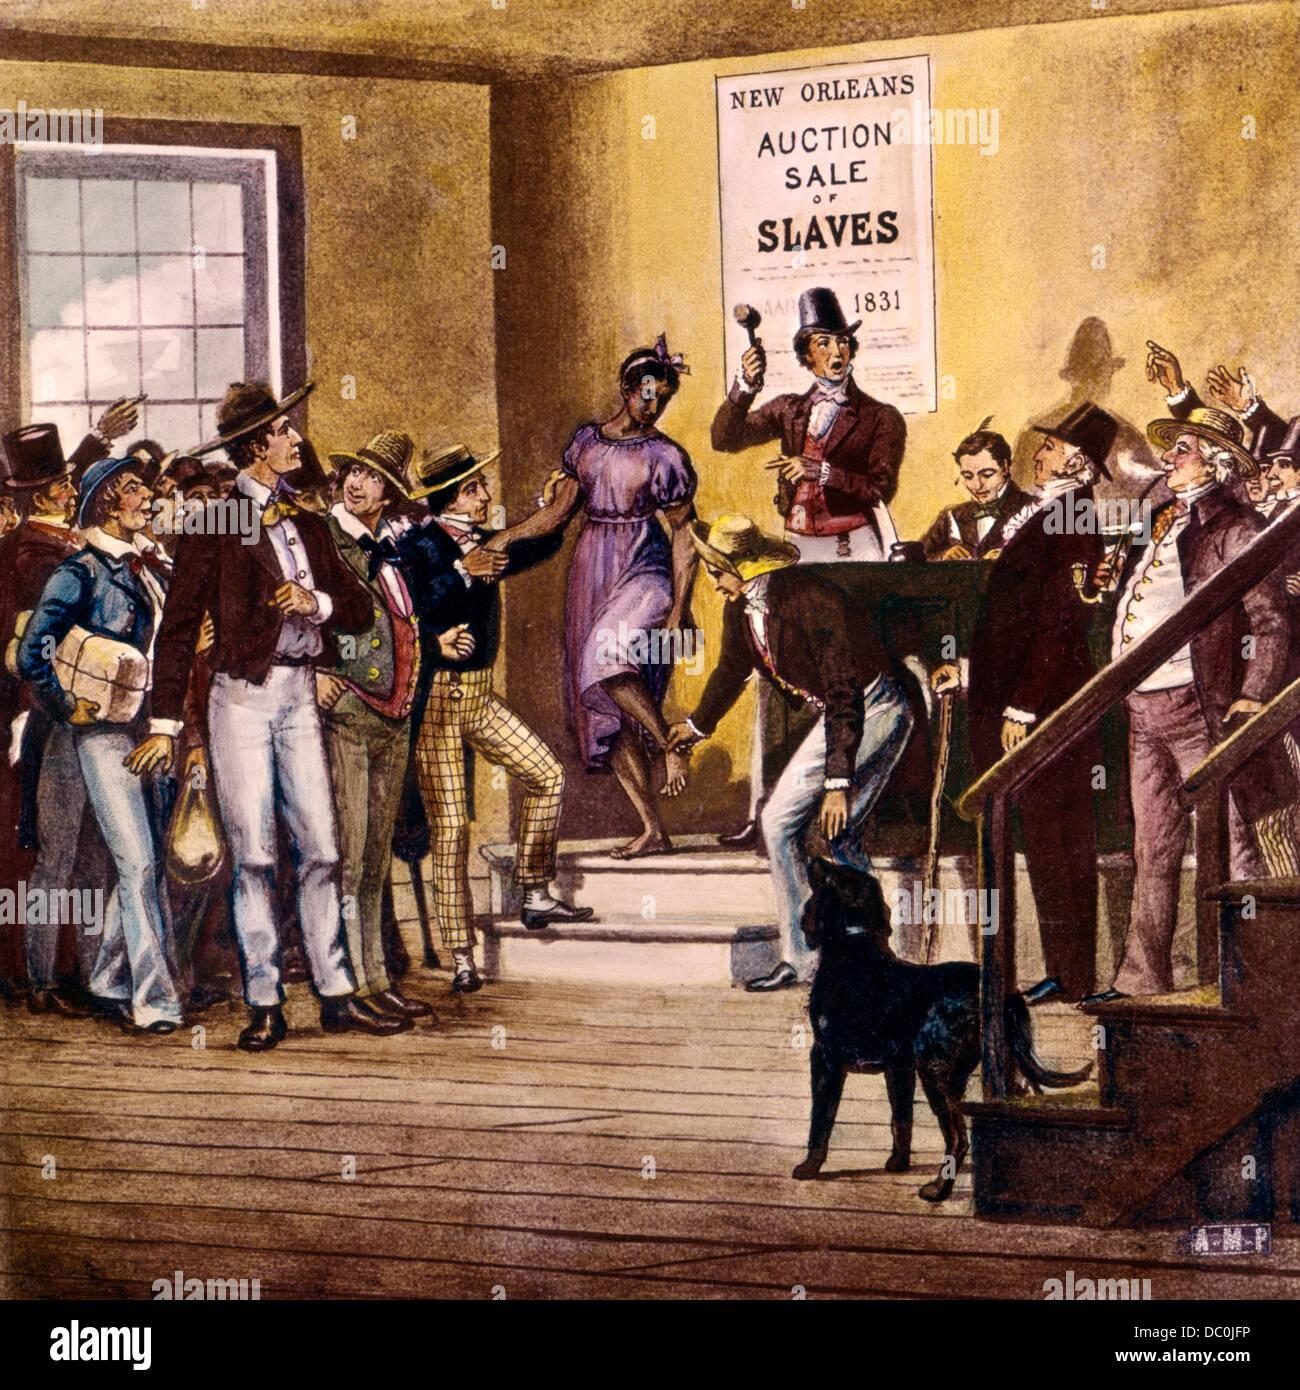 1830s 1831 ABRAHAM LINCOLN OSSERVANDO NEW ORLEANS mercato di schiavi VENDITA ALL'ASTA da colorate a mano vetro antico Foto Stock